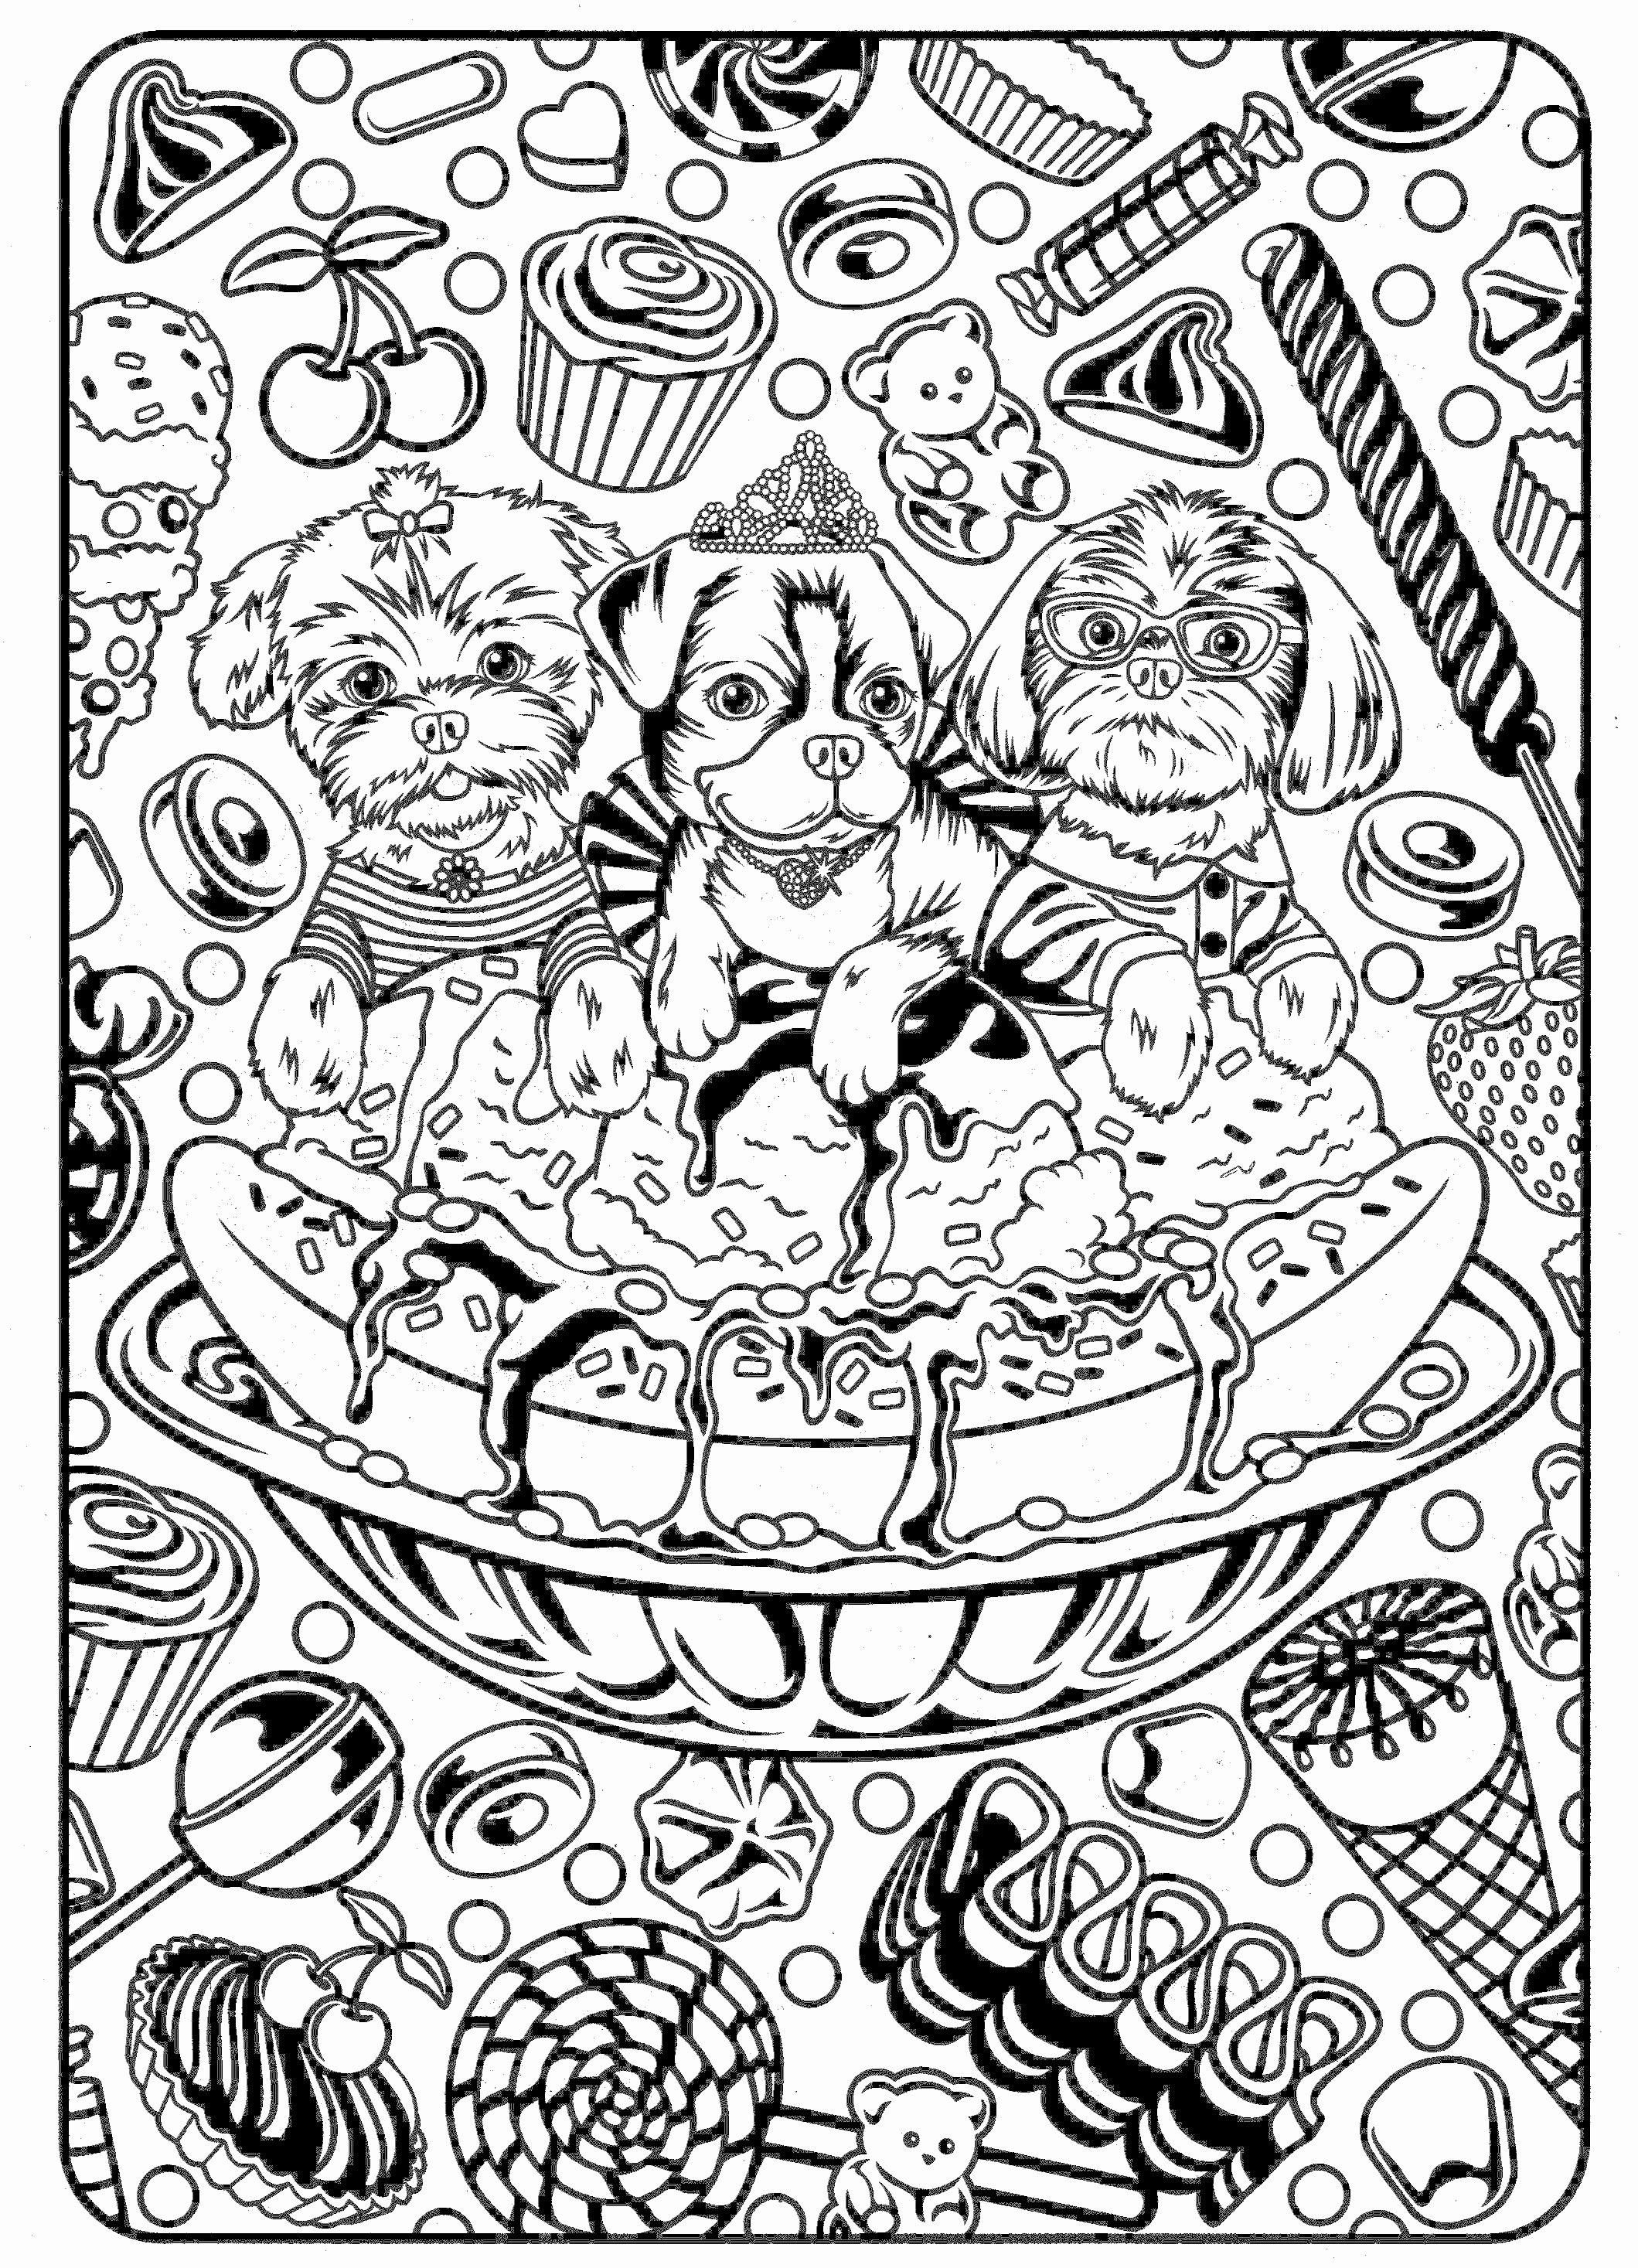 Adler Zeichnungen Zum Ausmalen Das Beste Von Ninjago Ausmalbilder Lord Garmadon Genial Ninjago Coloring Pages Fotos